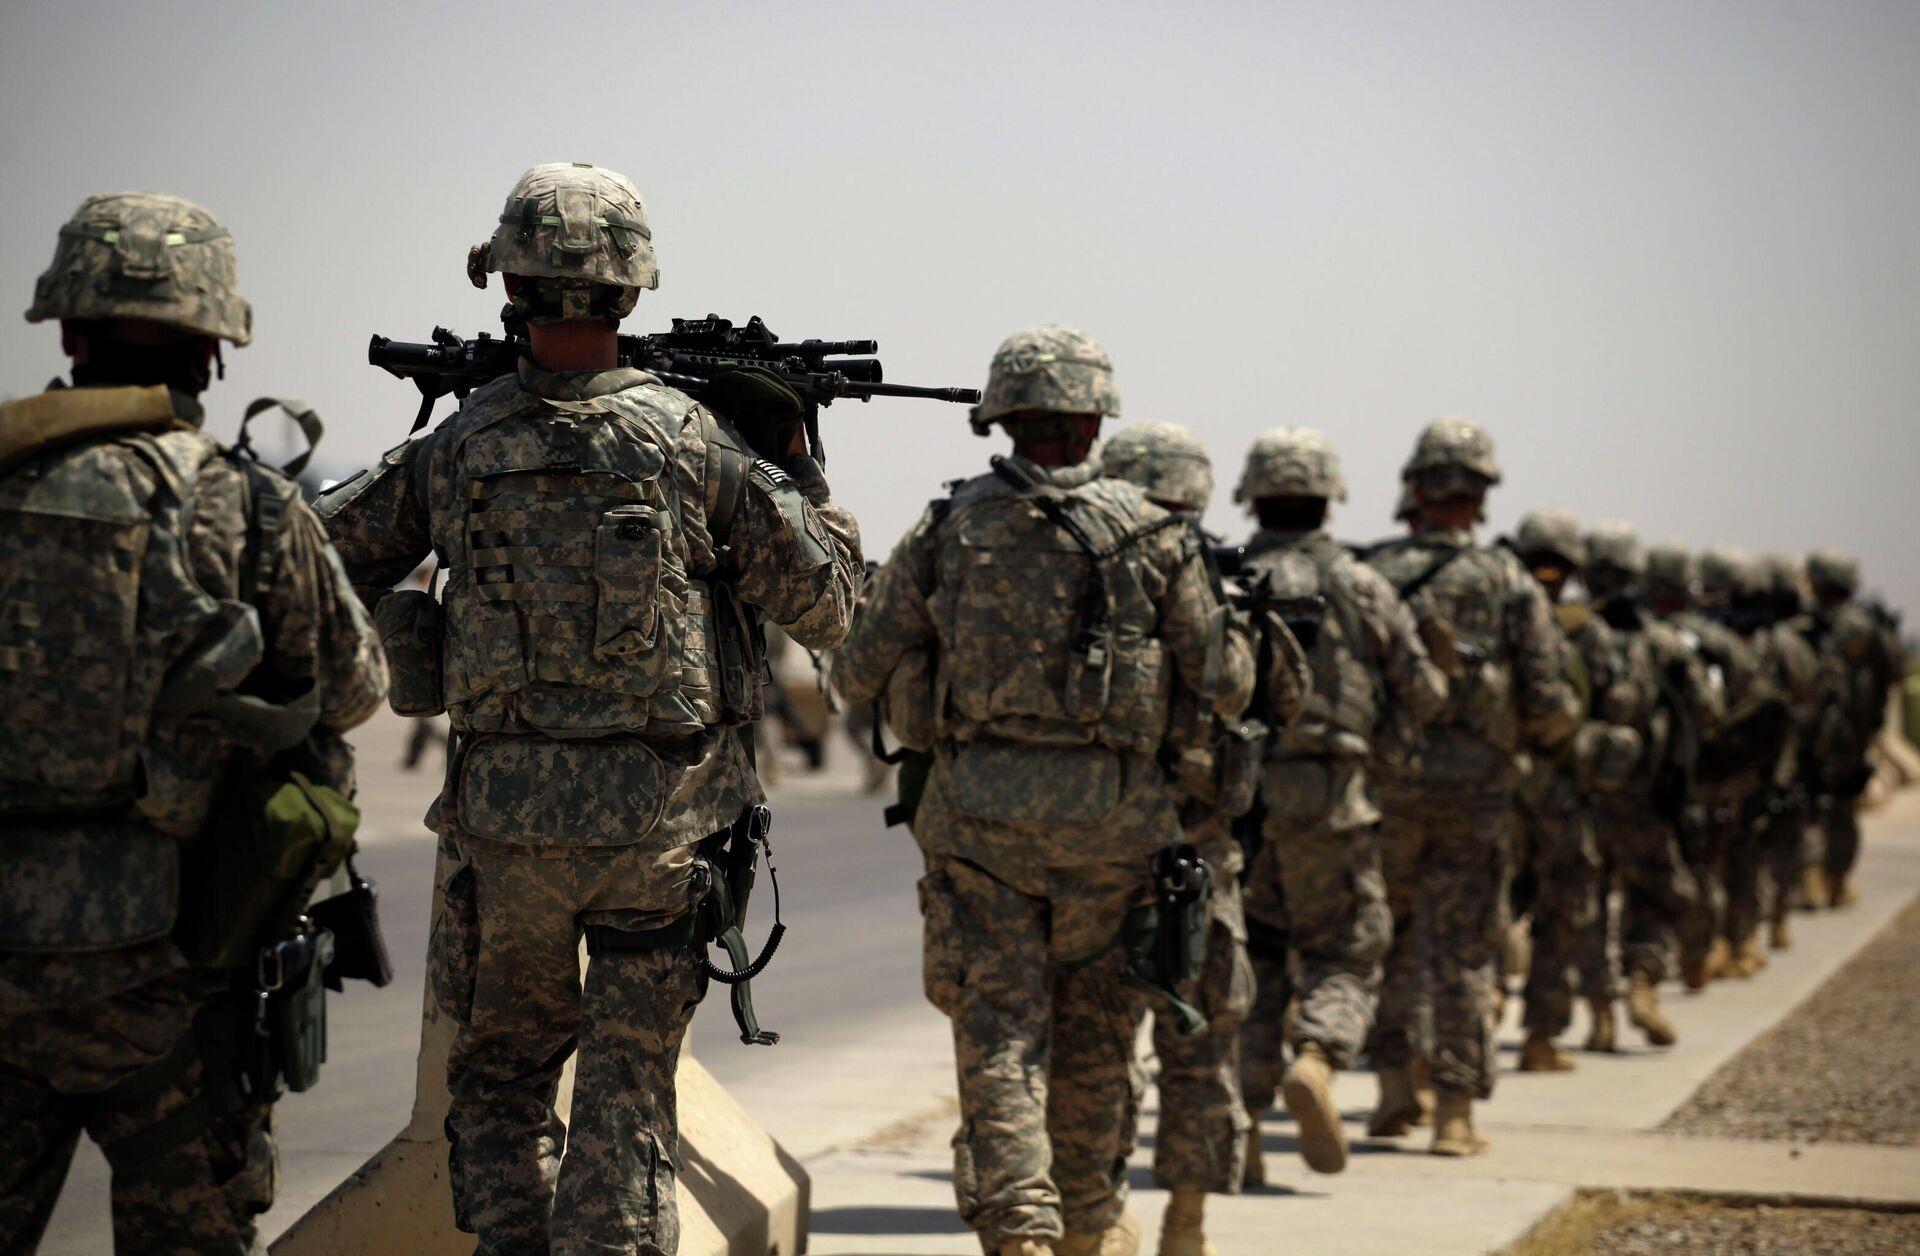 Американские военные на воздушной базе в Багдаде, во время вывода войск США из Ирака - РИА Новости, 1920, 20.05.2021